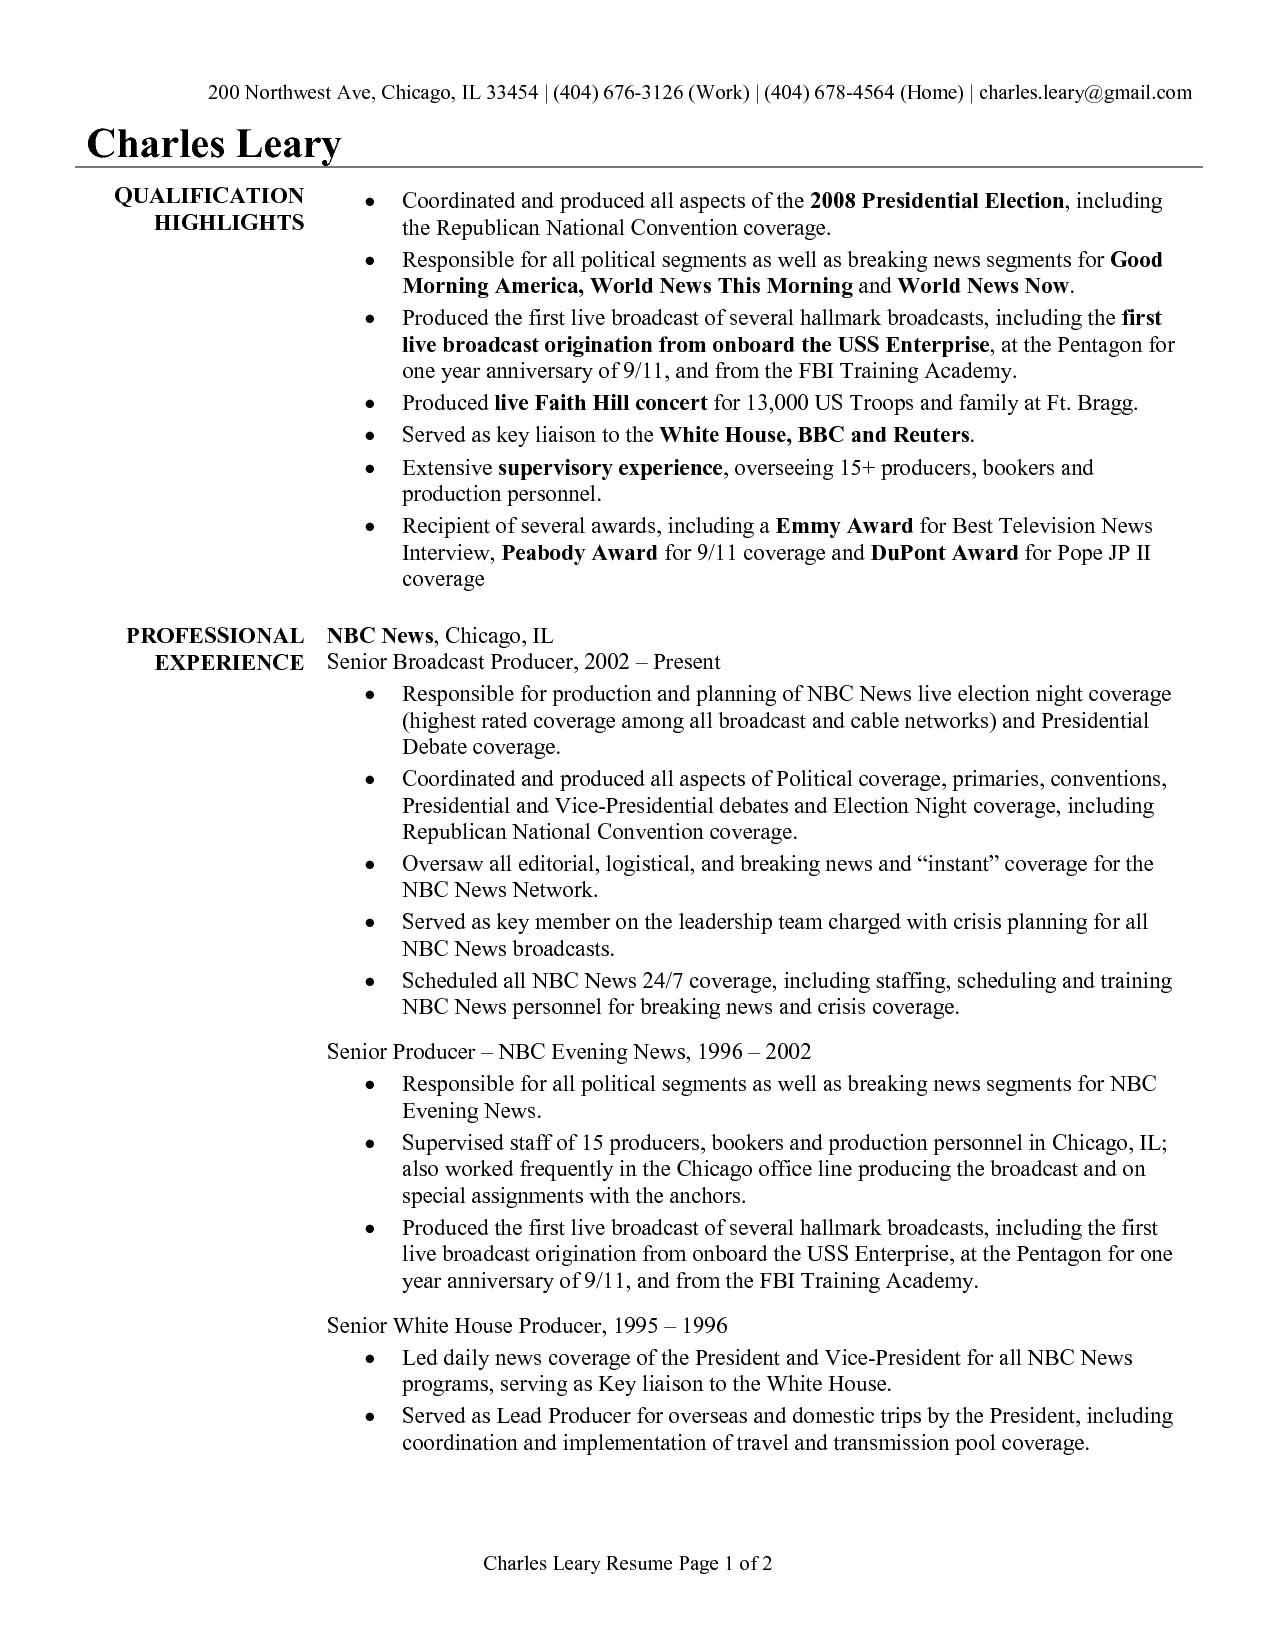 Video Resume Script For Finance